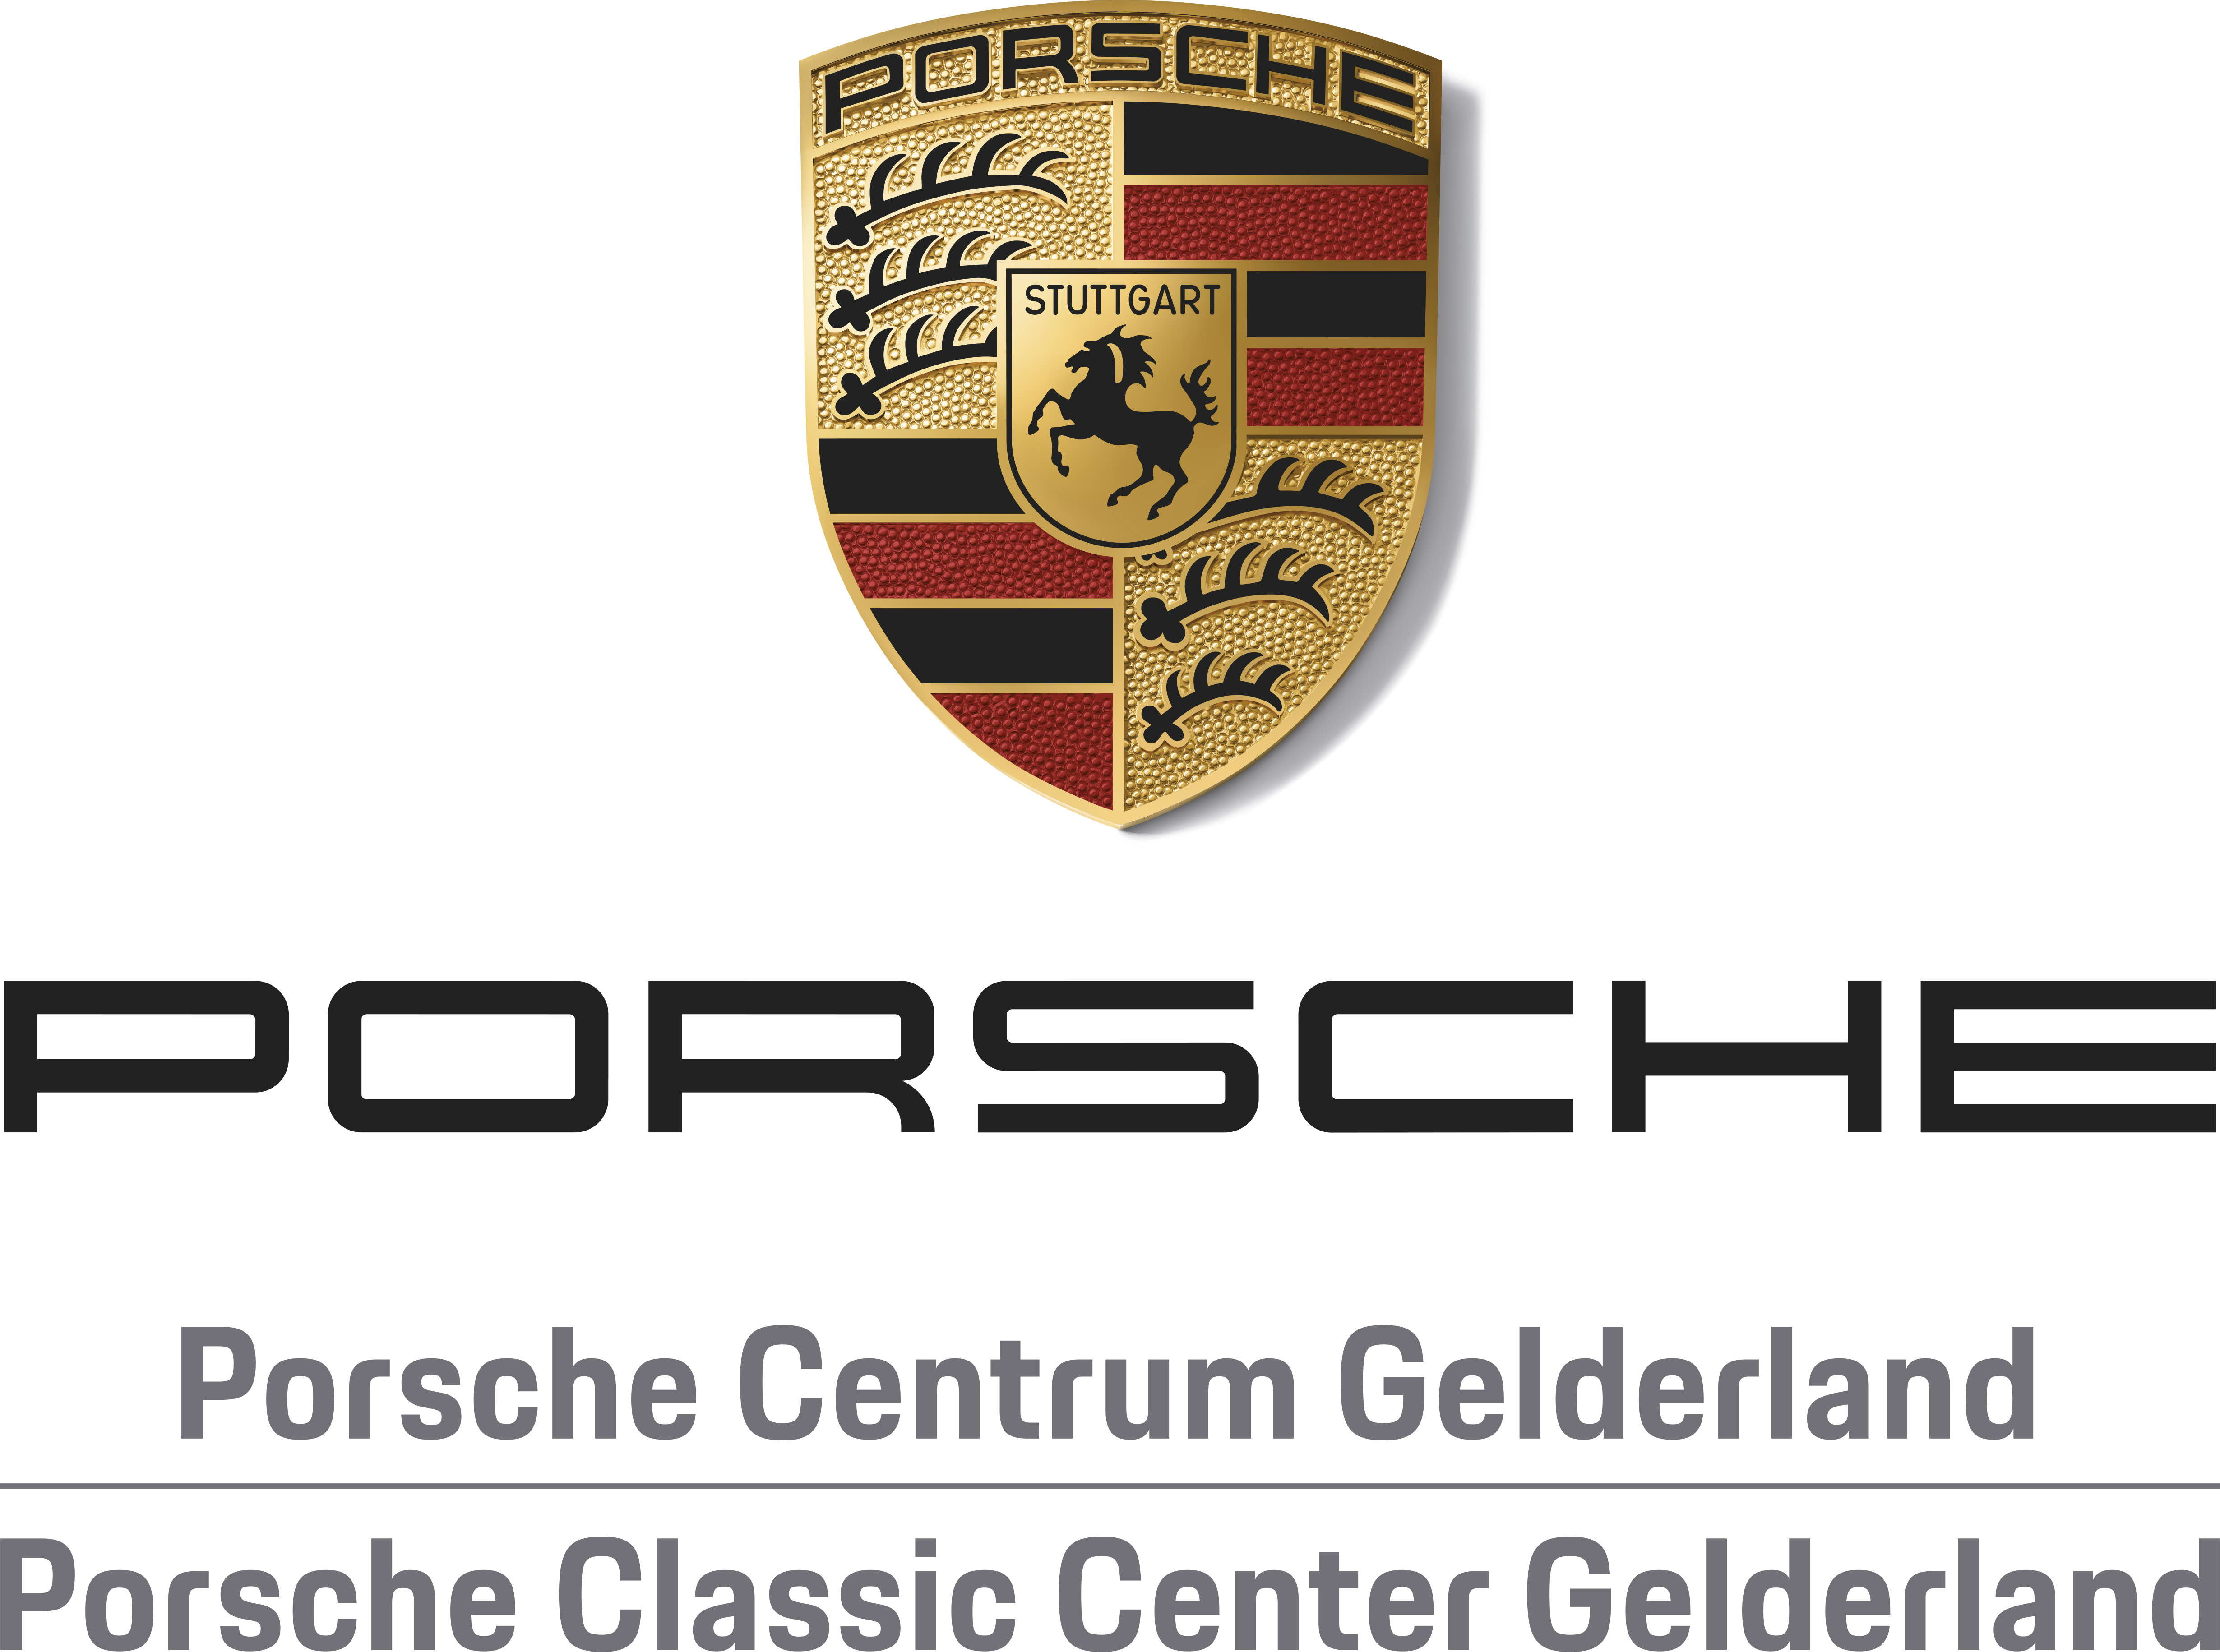 Porsche Centrum Gelderland logo